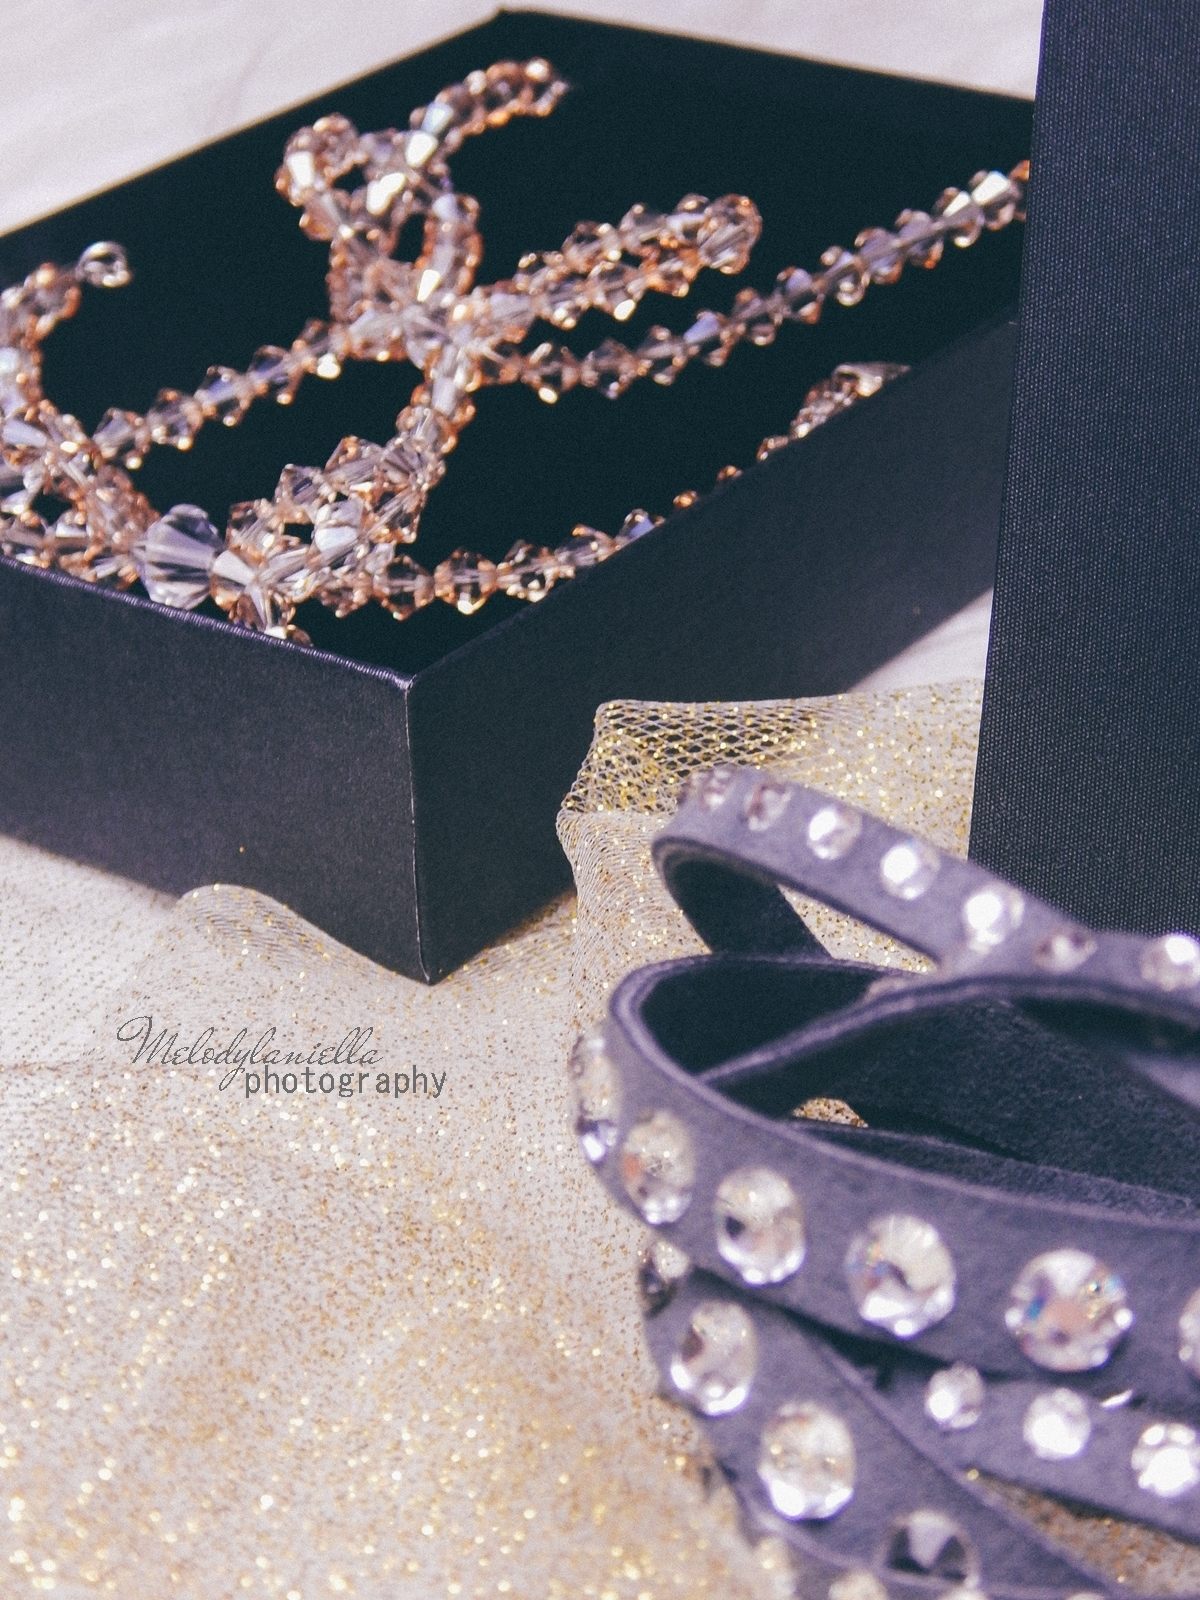 15 biżuteria M piotrowski recenzje kryształy swarovski przegląd opinie recenzje jak dobrać biżuterie modna biżuteria stylowe dodatki kryształy bransoletka z kokardką naszyjnik z kokardą złoto srebro fashion